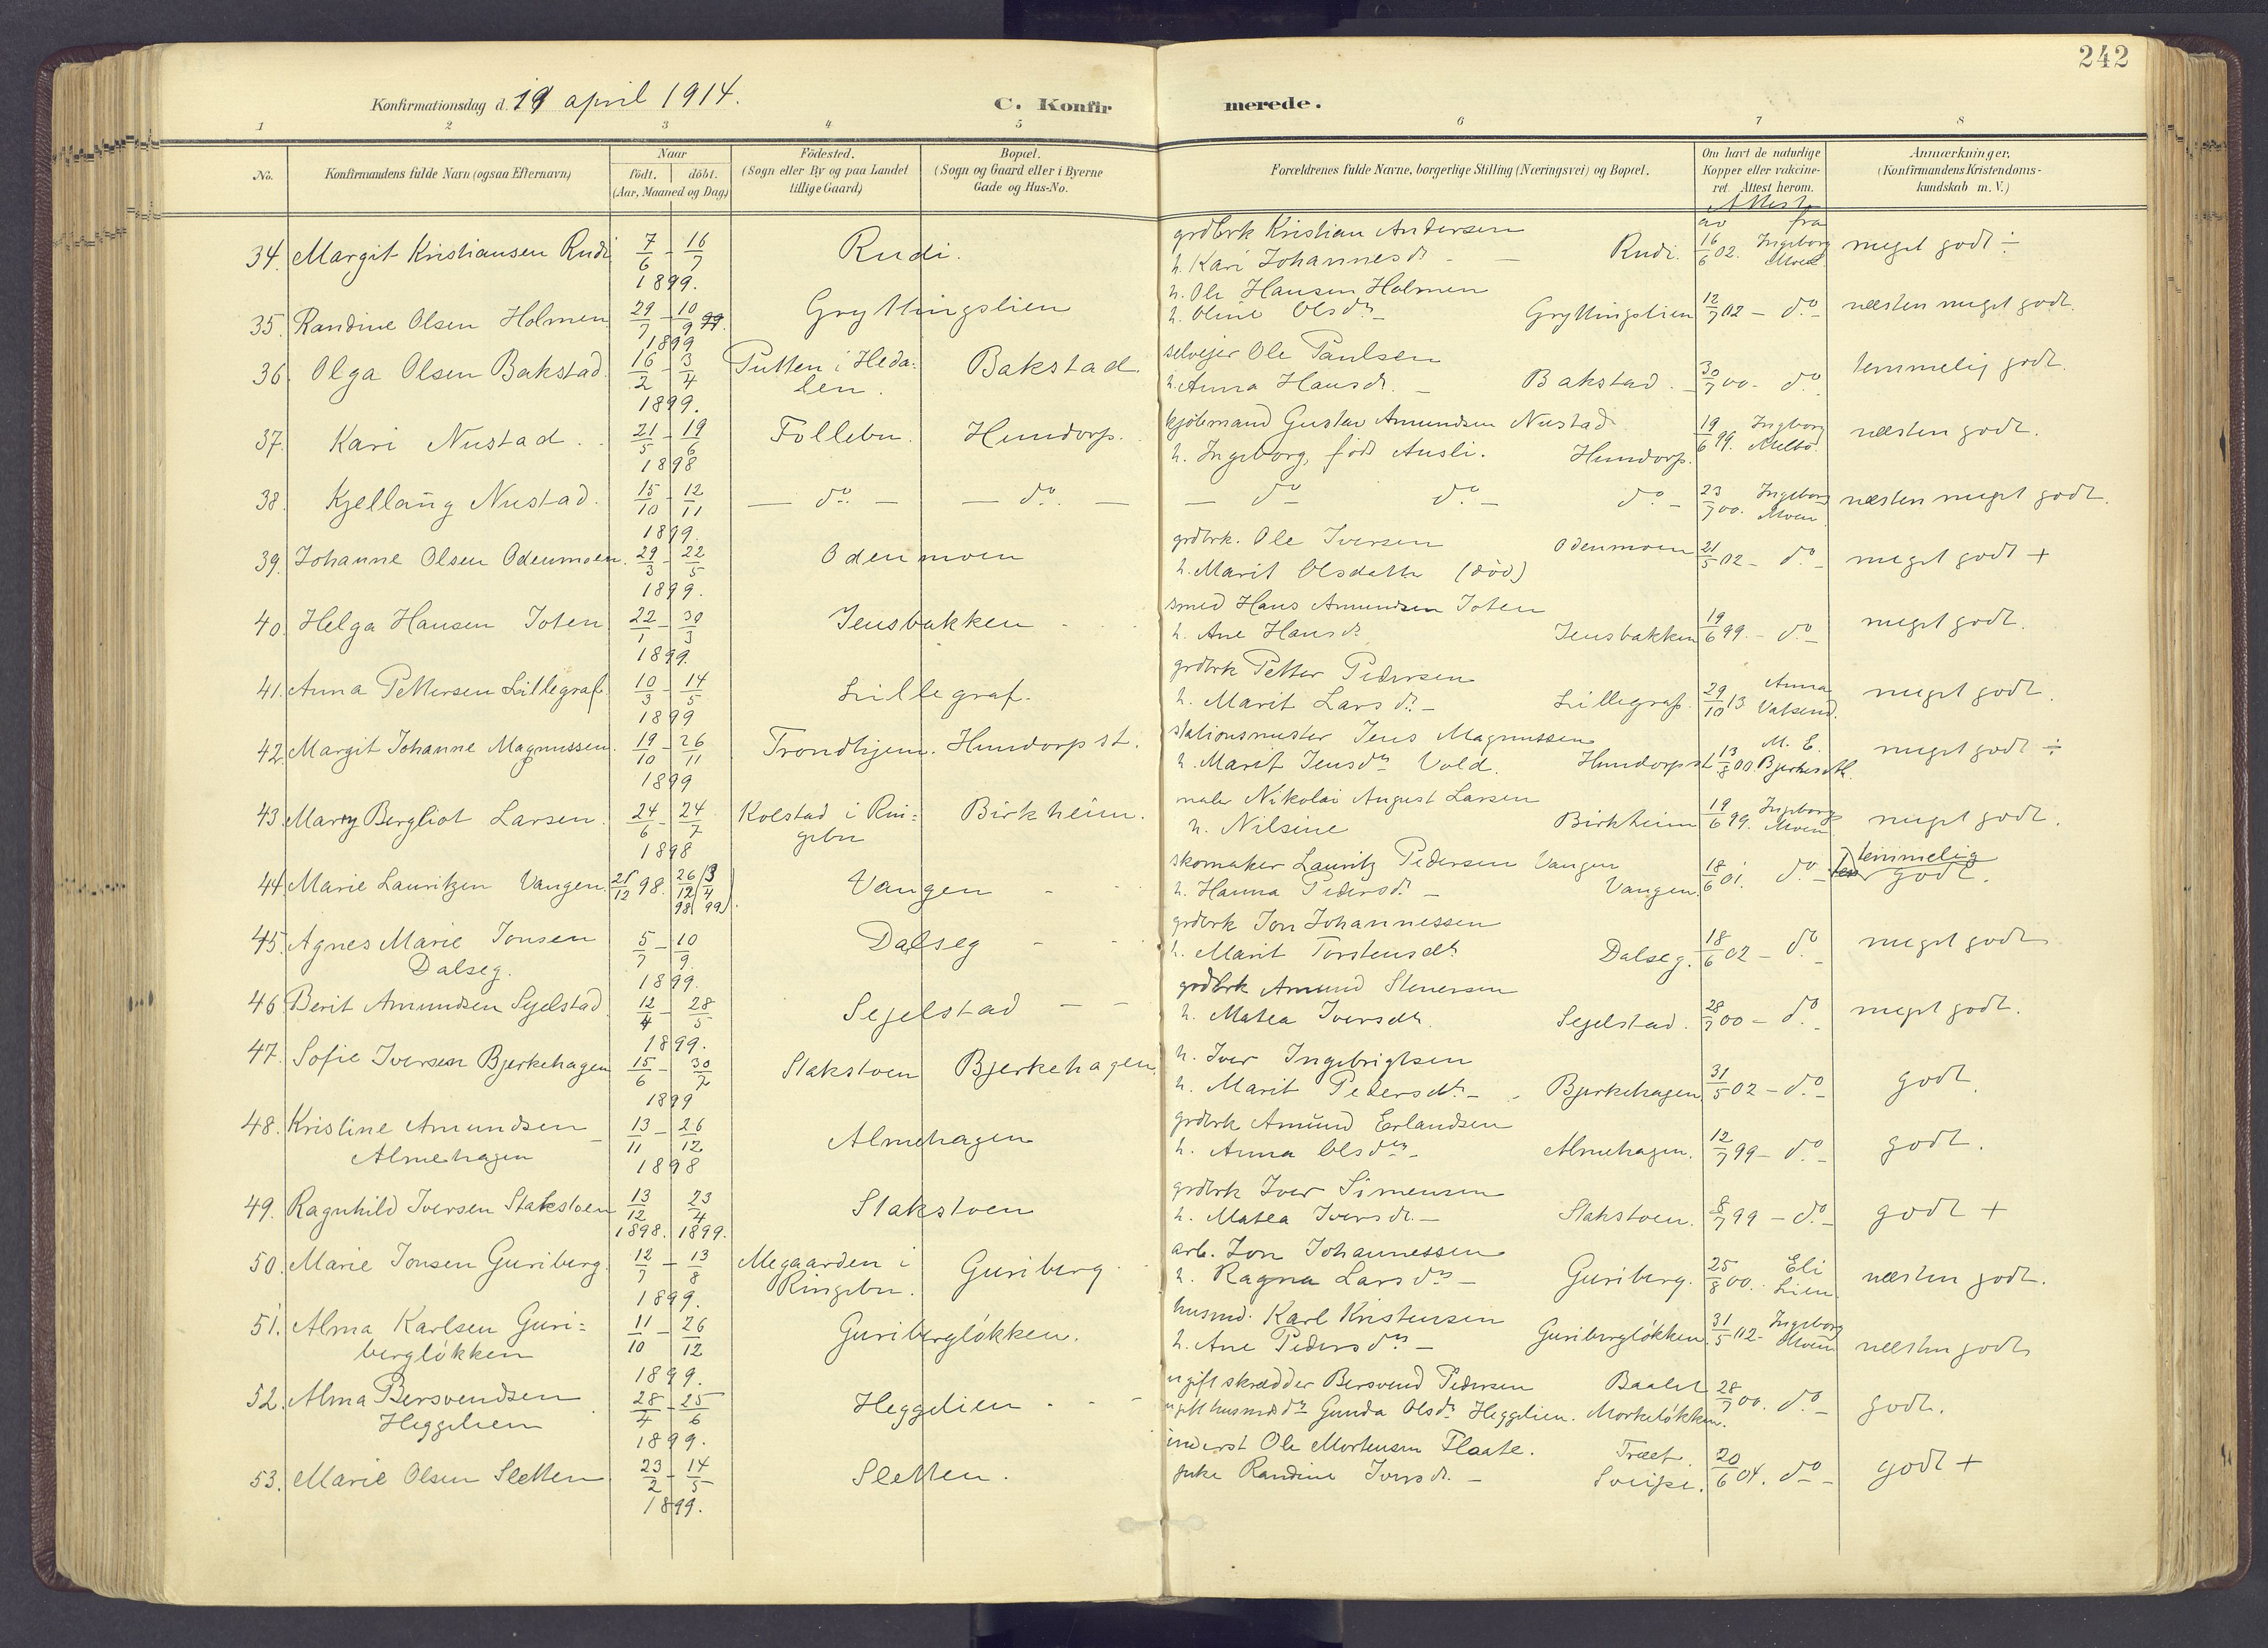 SAH, Sør-Fron prestekontor, H/Ha/Haa/L0004: Parish register (official) no. 4, 1898-1919, p. 242